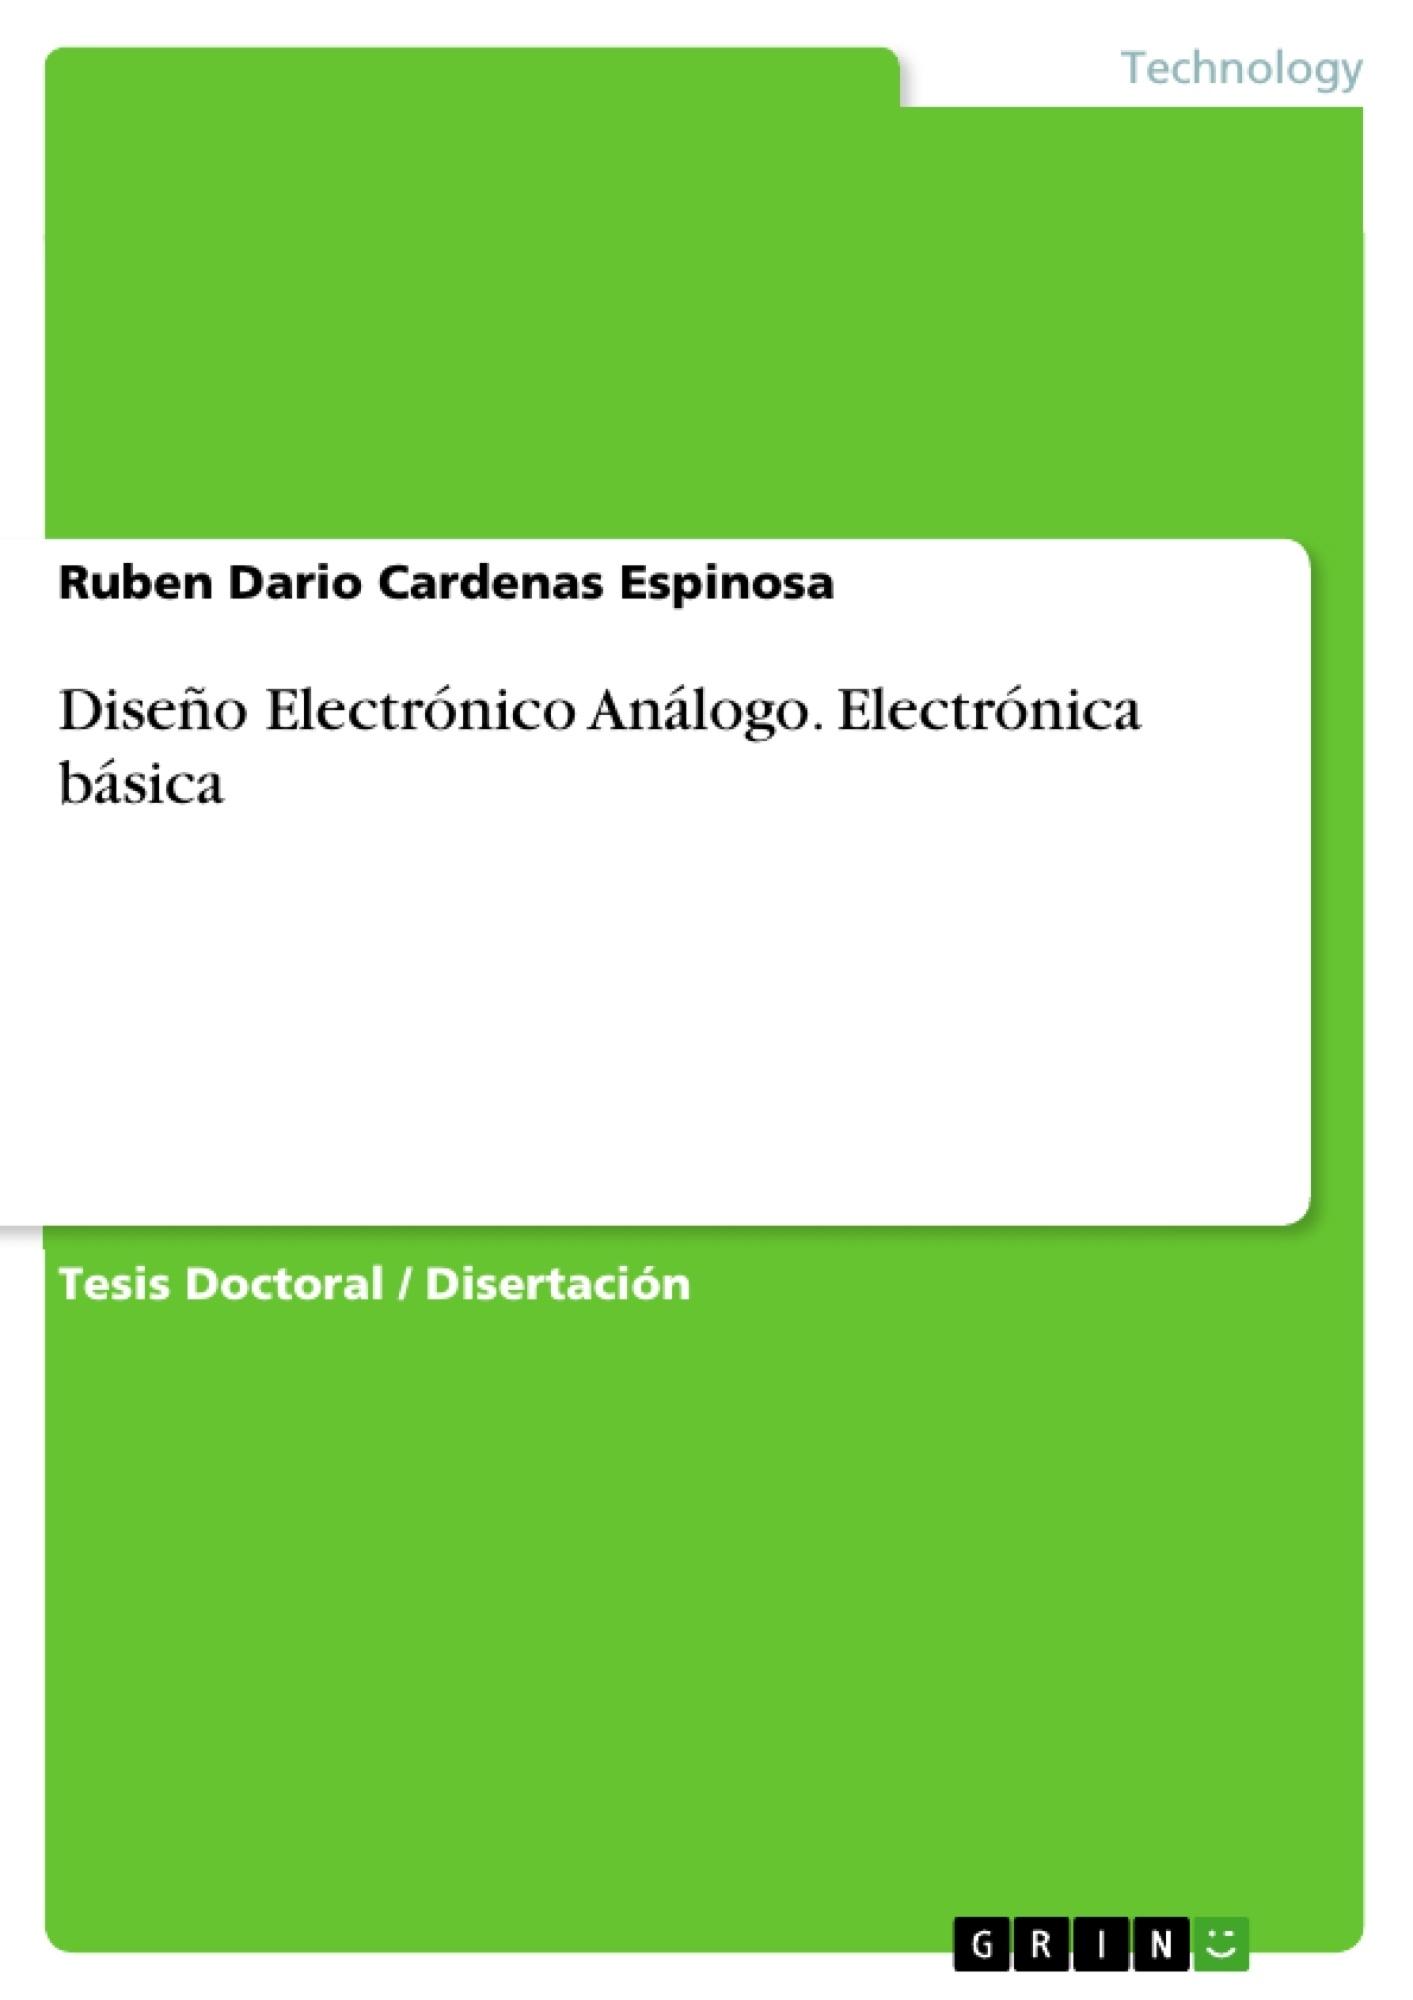 Diseño Electrónico Análogo. Electrónica básica   Publique su tesina ...